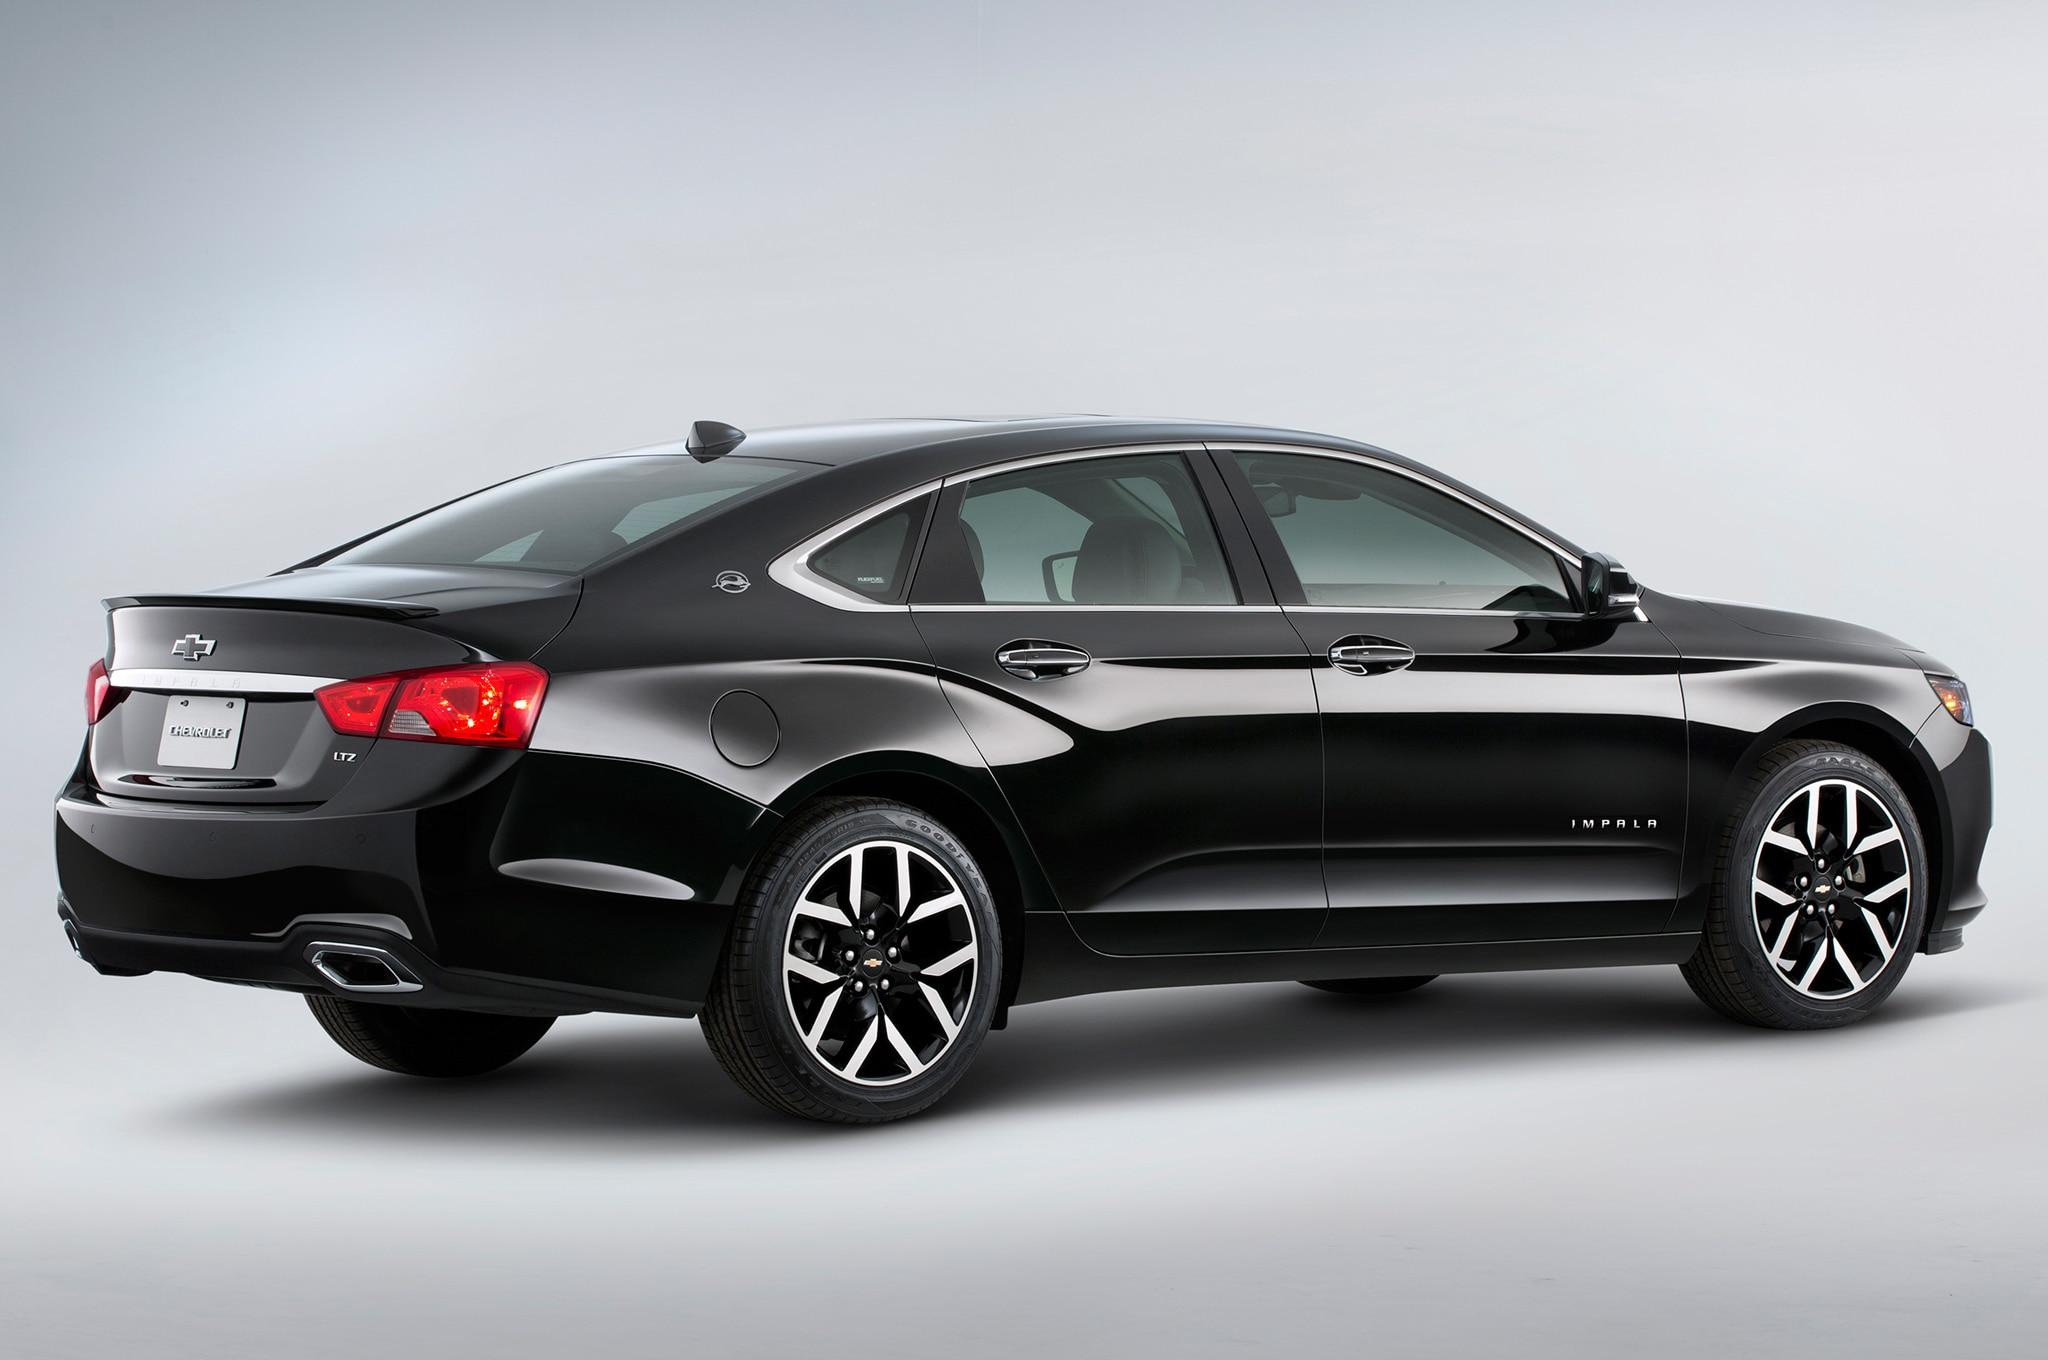 Chevrolet presentará cinco nuevos conceptos en el SEMA 2014